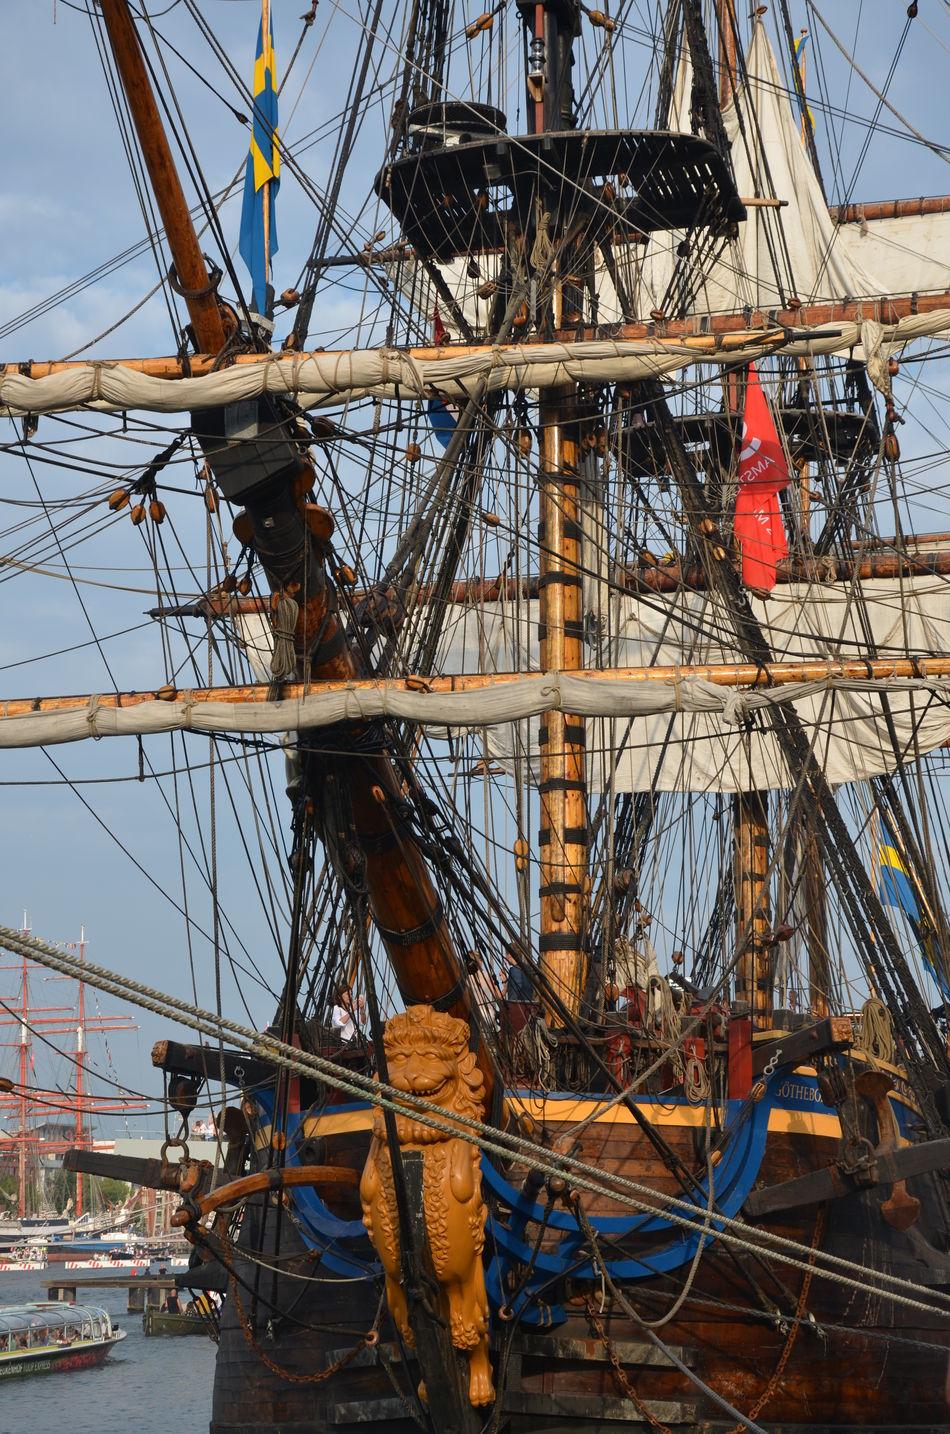 Amsterdam sail 2015 Amsterdam Sail Sailboat Masts Sail Boats Sail Amsterdam 2015 Sailing Day Crows Nest Pirateship  Ships⚓️⛵️🚢 No People Day Outdoors Sky Transportation Ship Deck Close-up